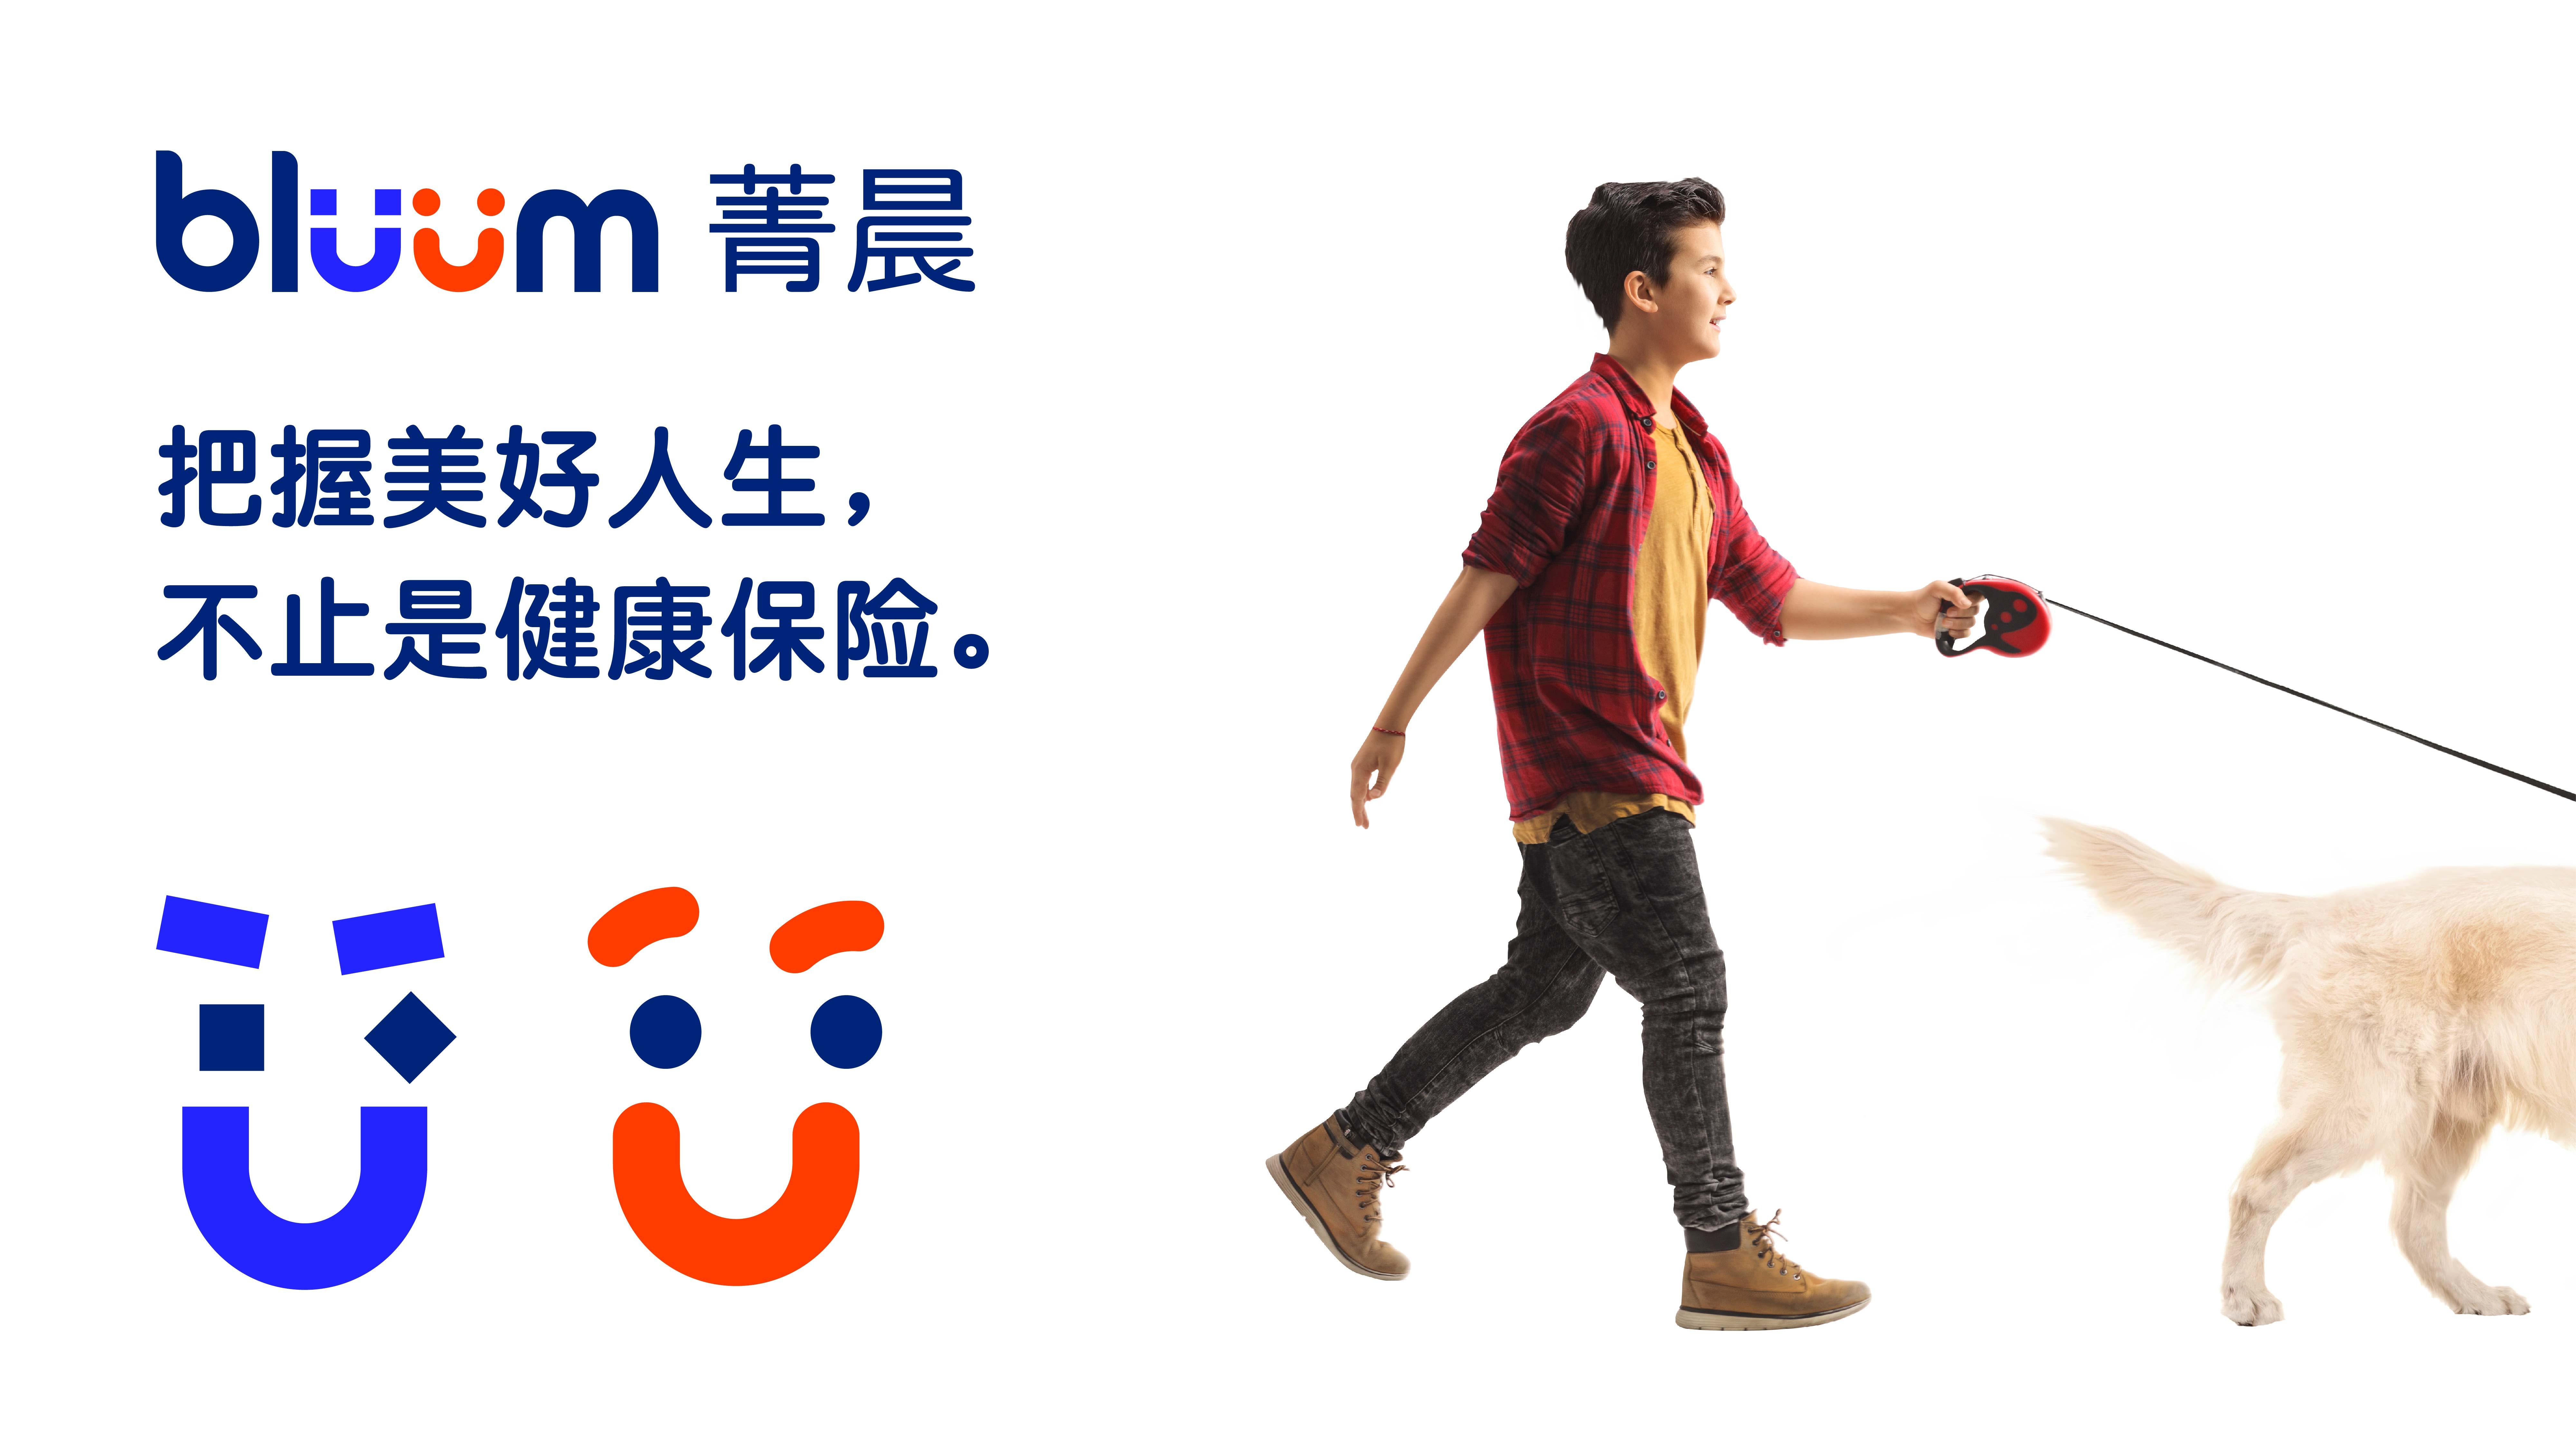 全新blüüm 菁晨品牌正式升级发布,以创新科技为健康自由赋能